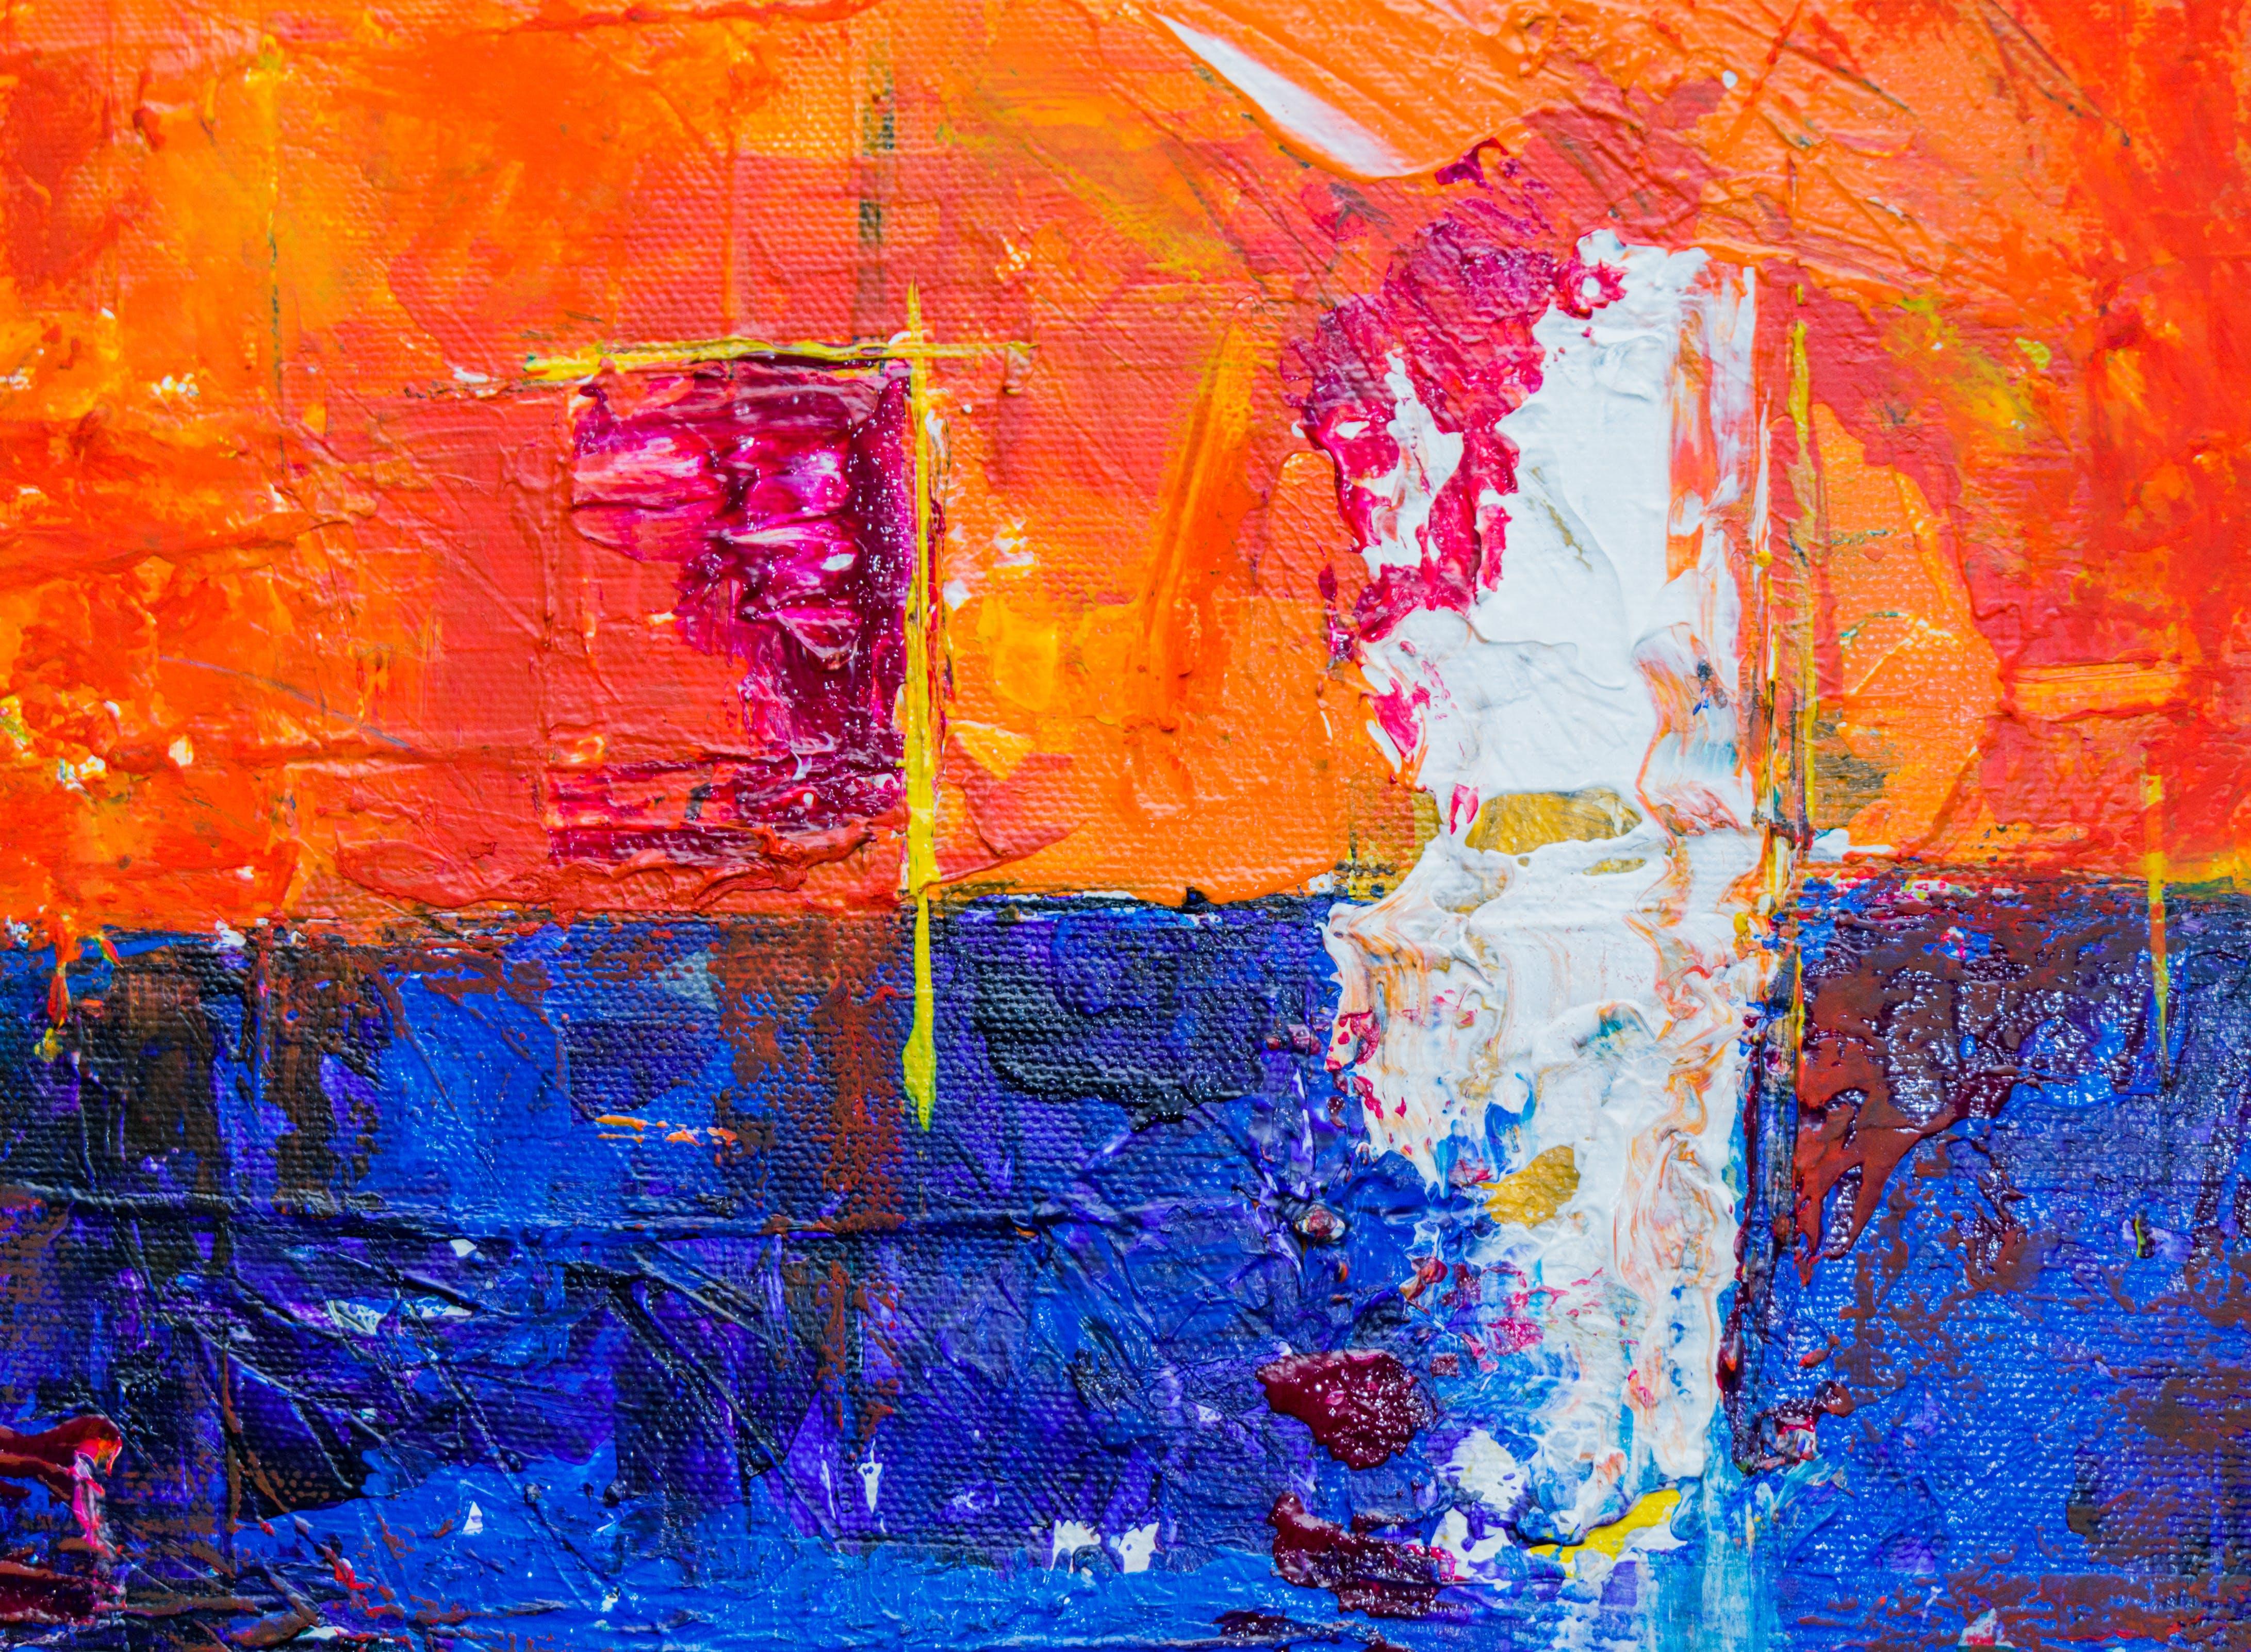 Darmowe zdjęcie z galerii z abstrakcyjny ekspresjonizm, artystyczny, farba, farba akrylowa